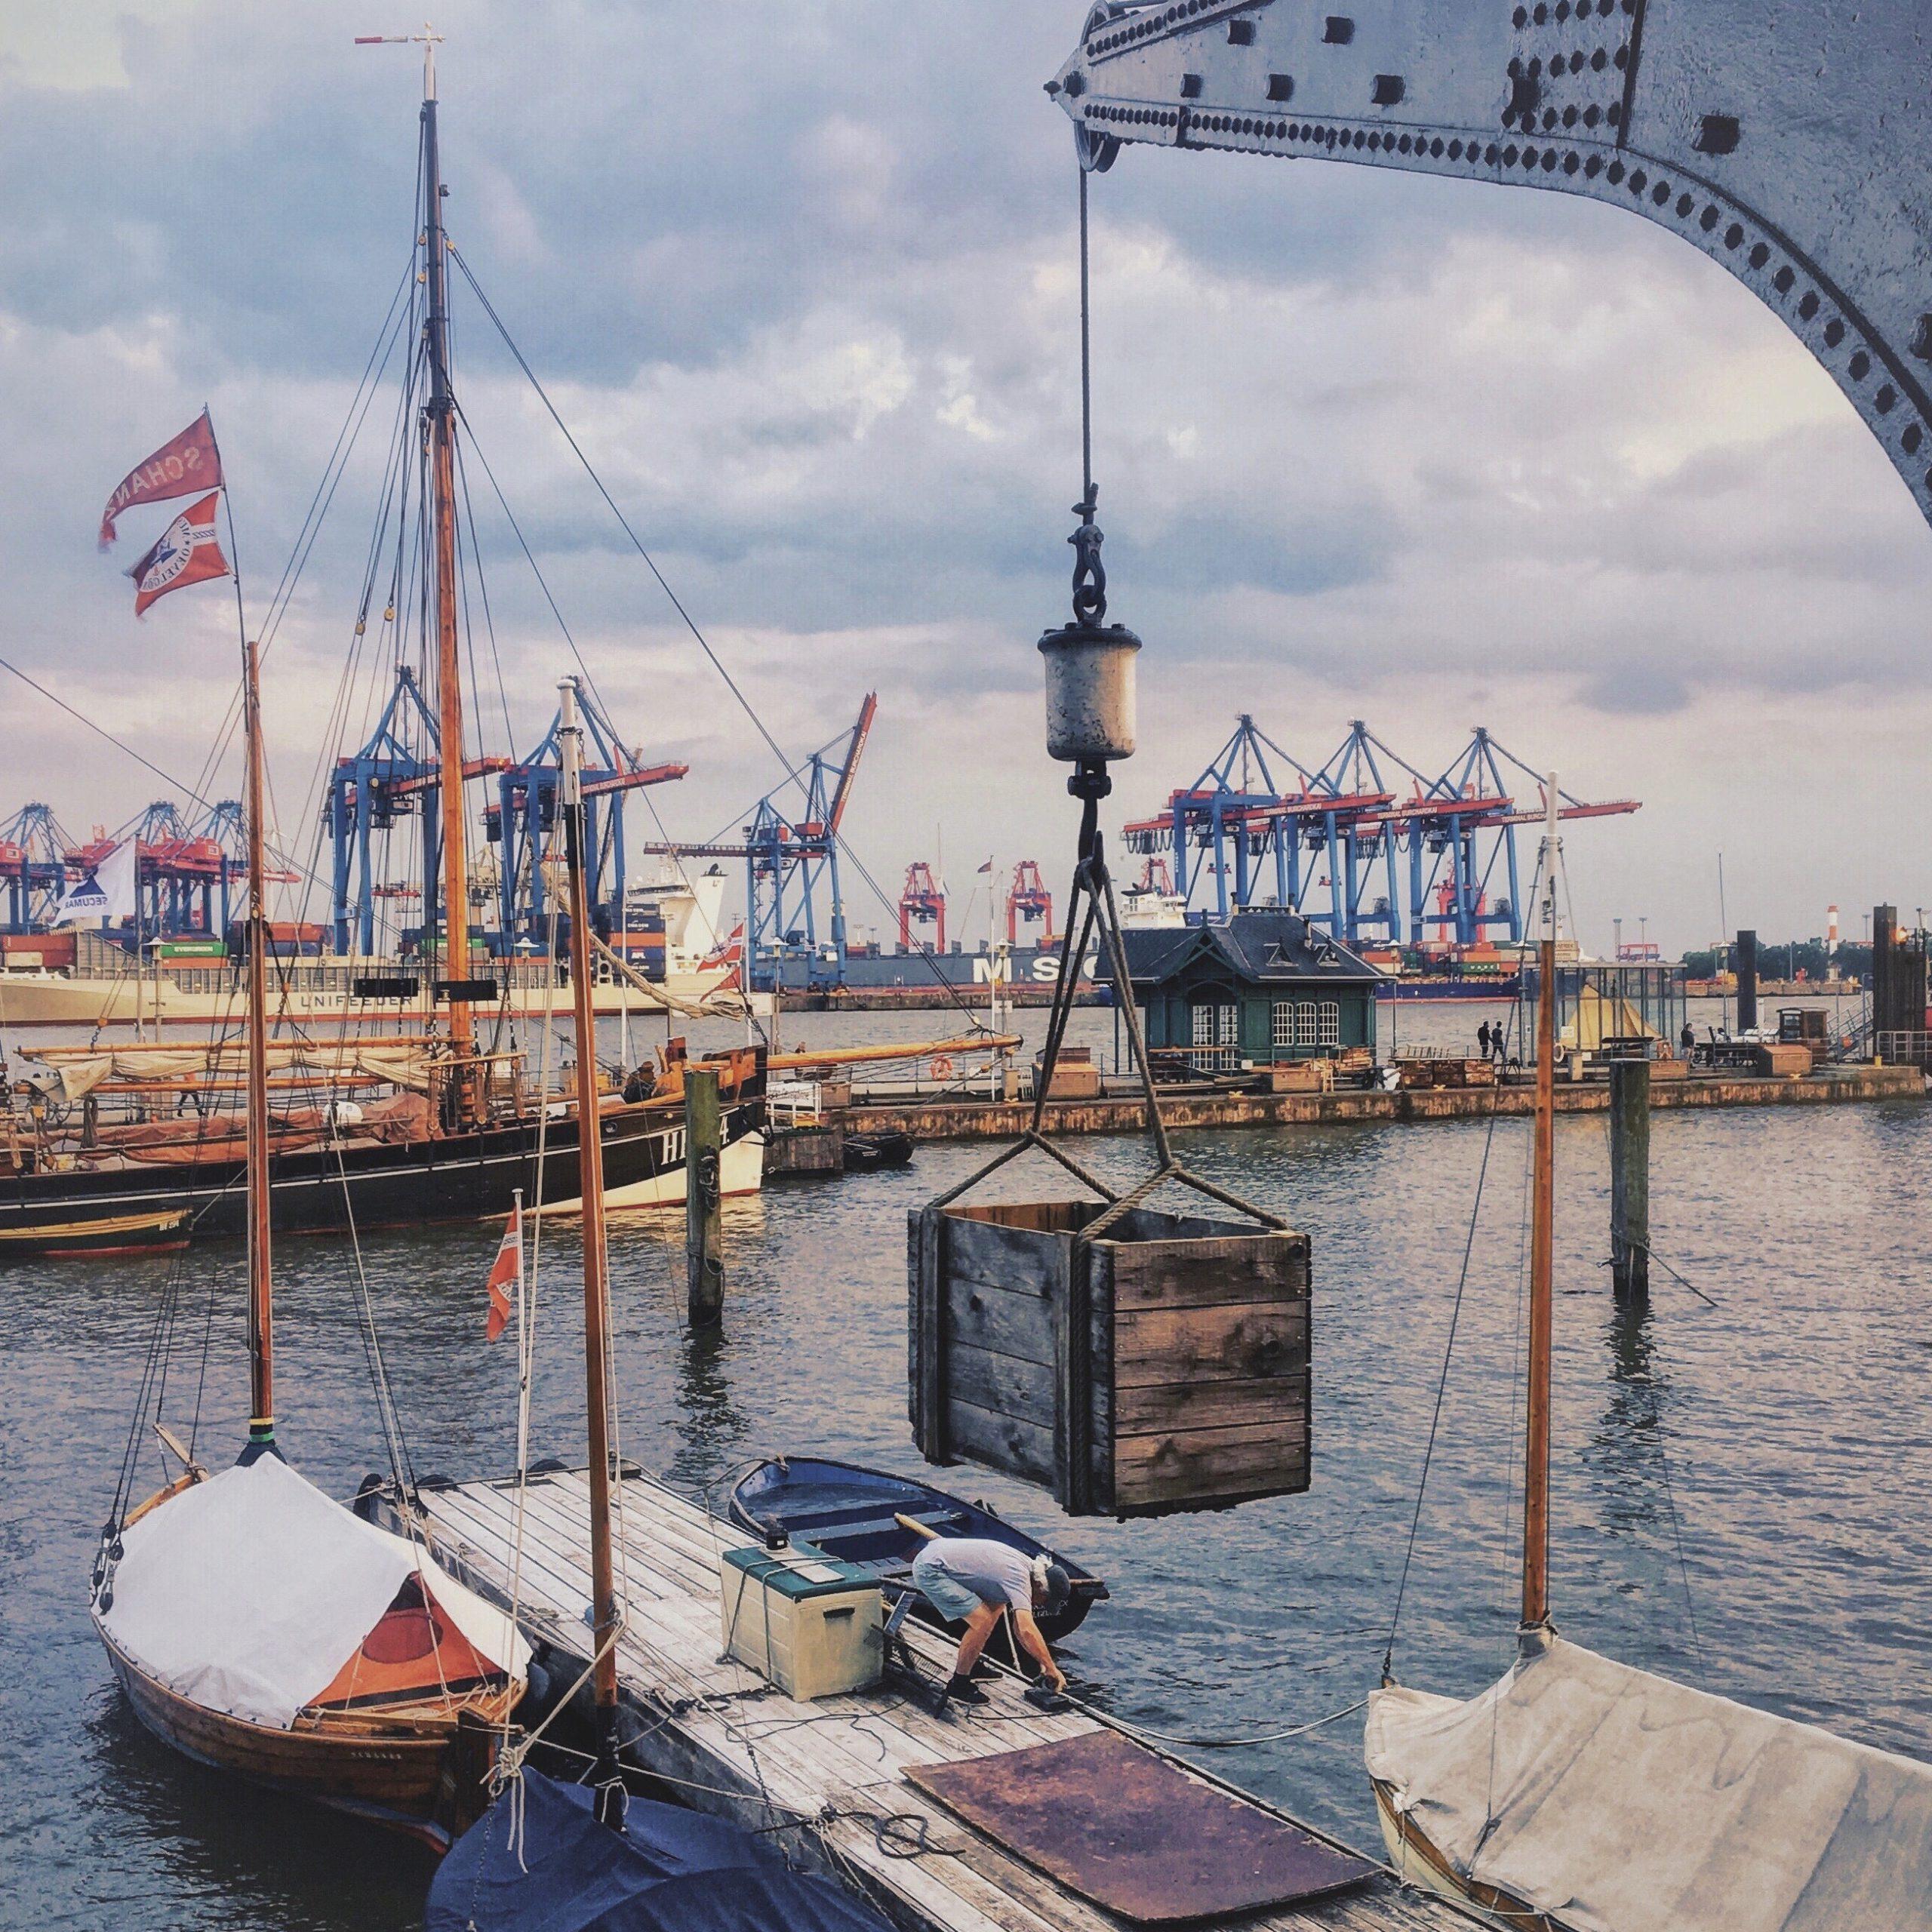 Der Hafen. Die Elbe. Die Kräne.